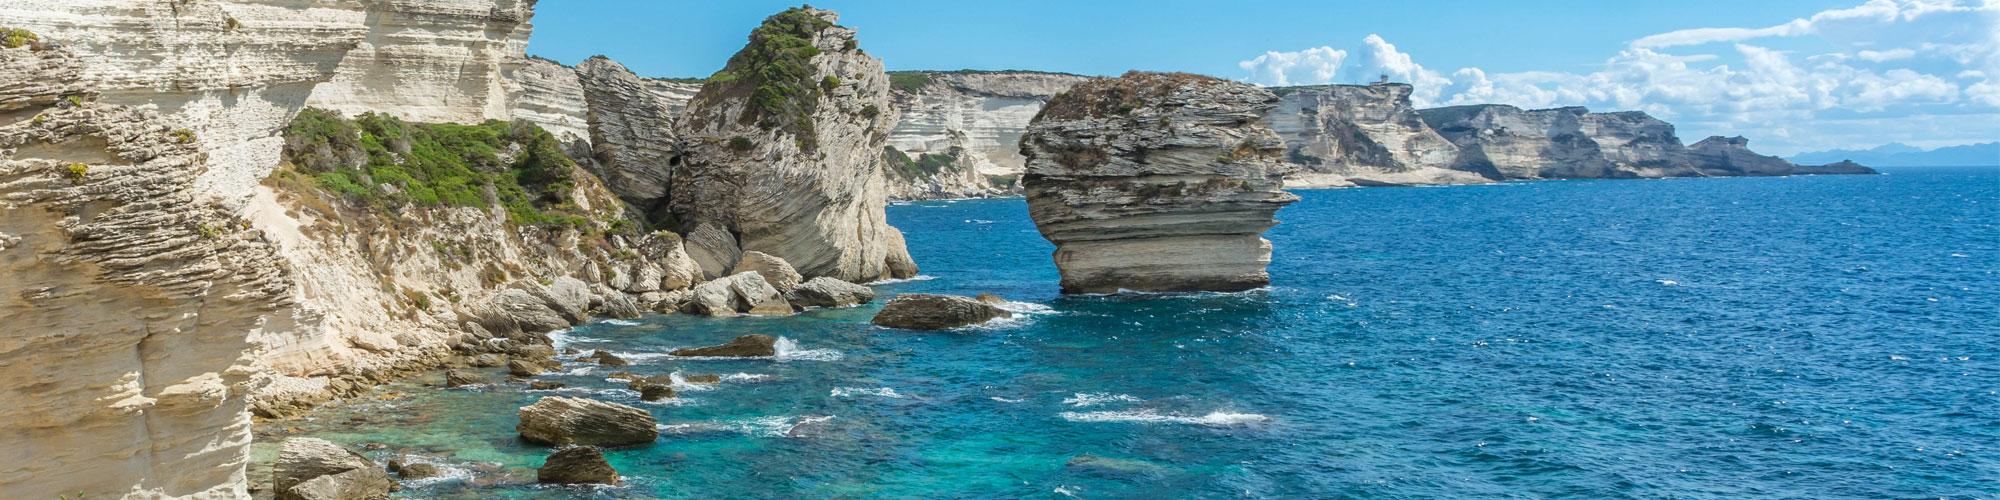 Paradisu - Korsika - Corse - Bonifacio